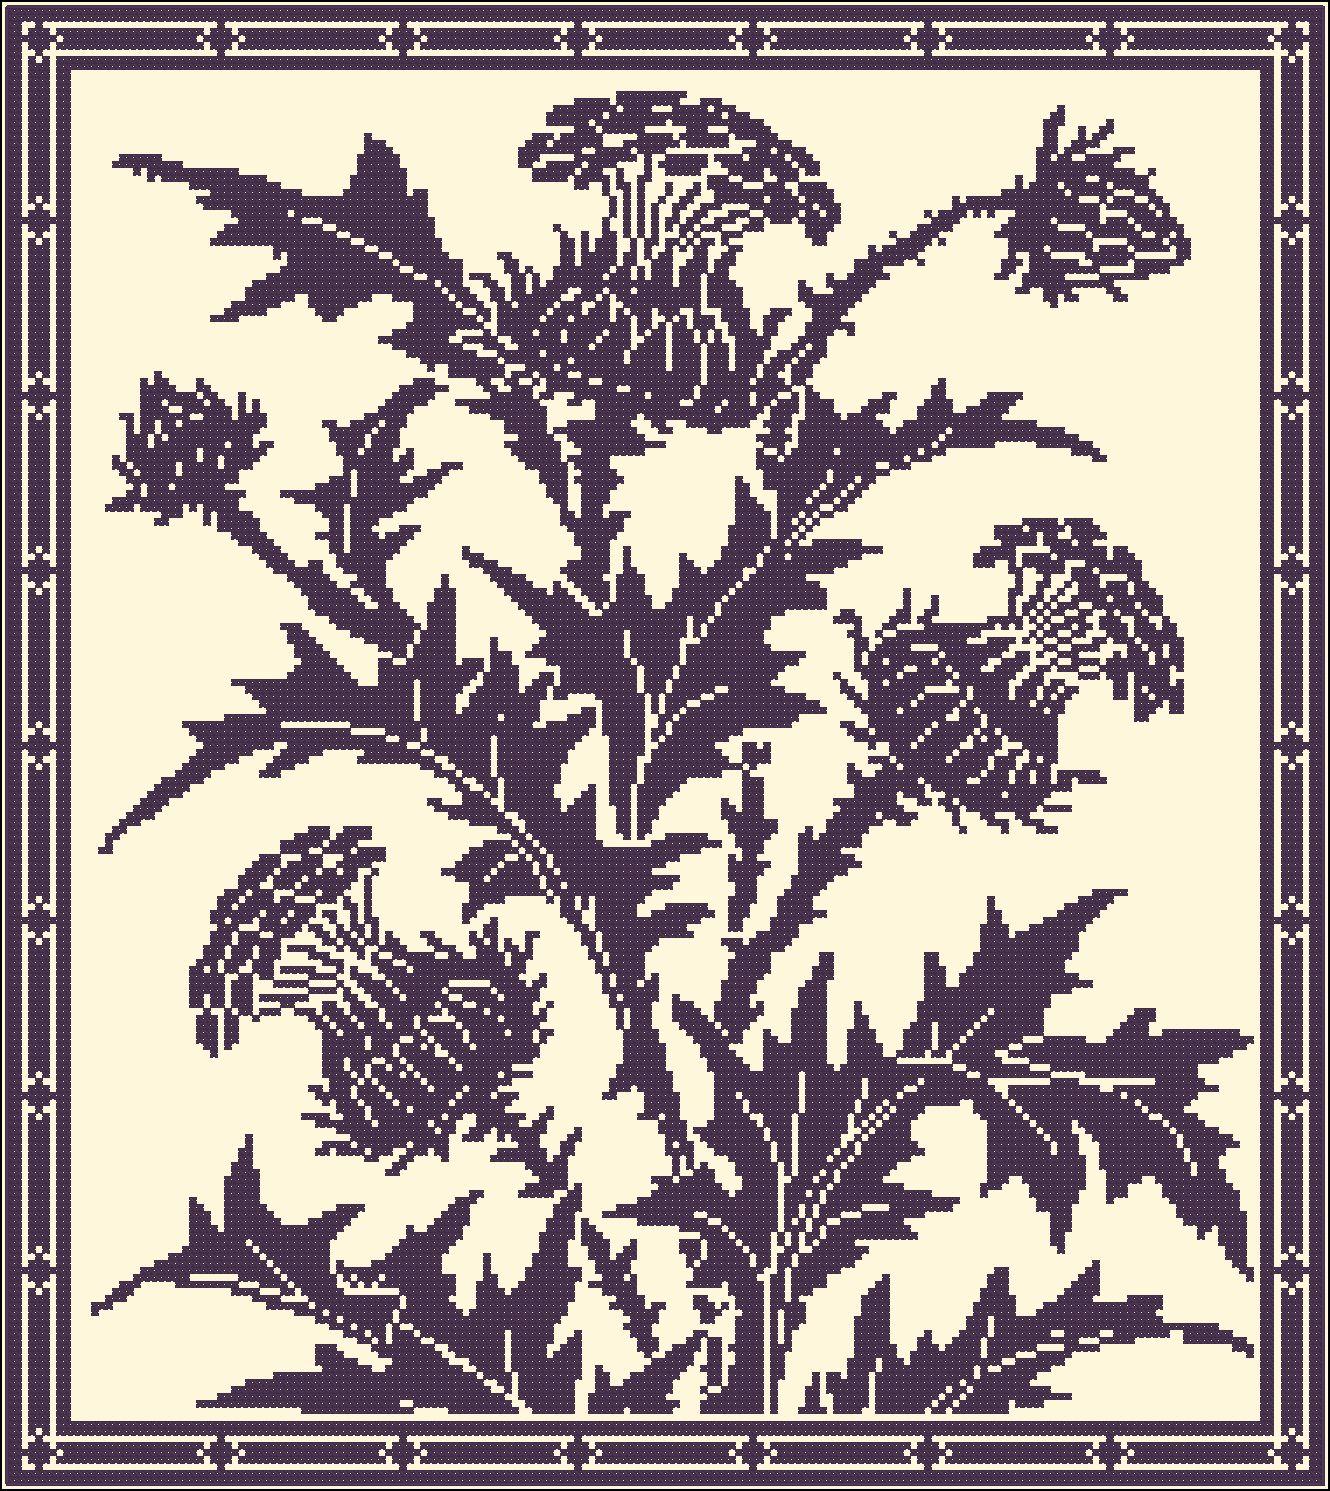 Thistle Flowers Chart For Cross Stitch Or Filet Crochet Gancedo Rose Flower Diagram 4